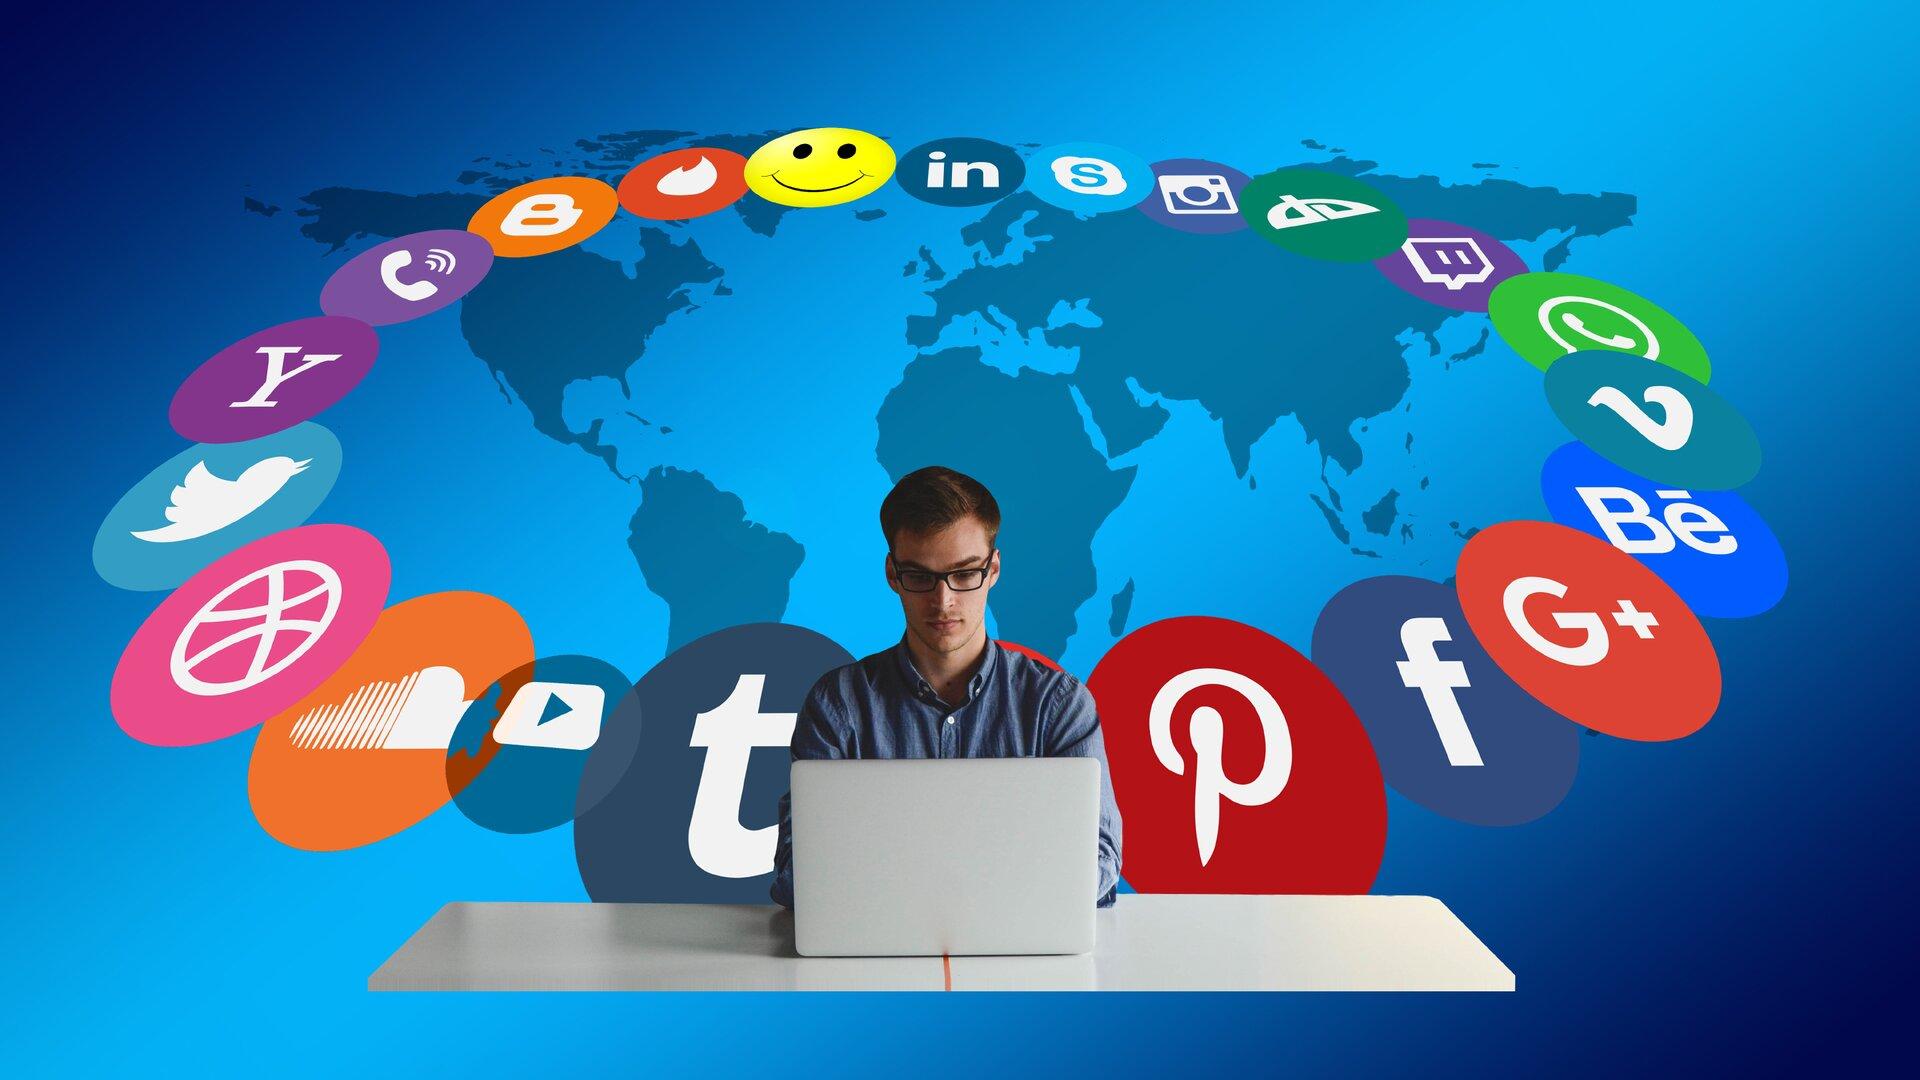 Ilustracja przedstawia młodego mężczyznę siedzącego przy biurku przed otwartym laptopem. Mężczyzna ma ciemne krótkie włosy, okulary wciemnych oprawkach oraz niebieską koszulę. Laptop ma obudowę wkolorze białym iwidać wyłącznie jego tylną część. Biurko jest puste iwidać wyłącznie jego biały blat. Za mężczyzną znajduje się niebieskie tło, na którym został przedstawiony zarys mapy świata. Mapę świata otacza krąg złożony zlogotypów znanych aplikacji istron internetowych, na przykład logotypu portalu Facebook, Pinterest, Twitter.